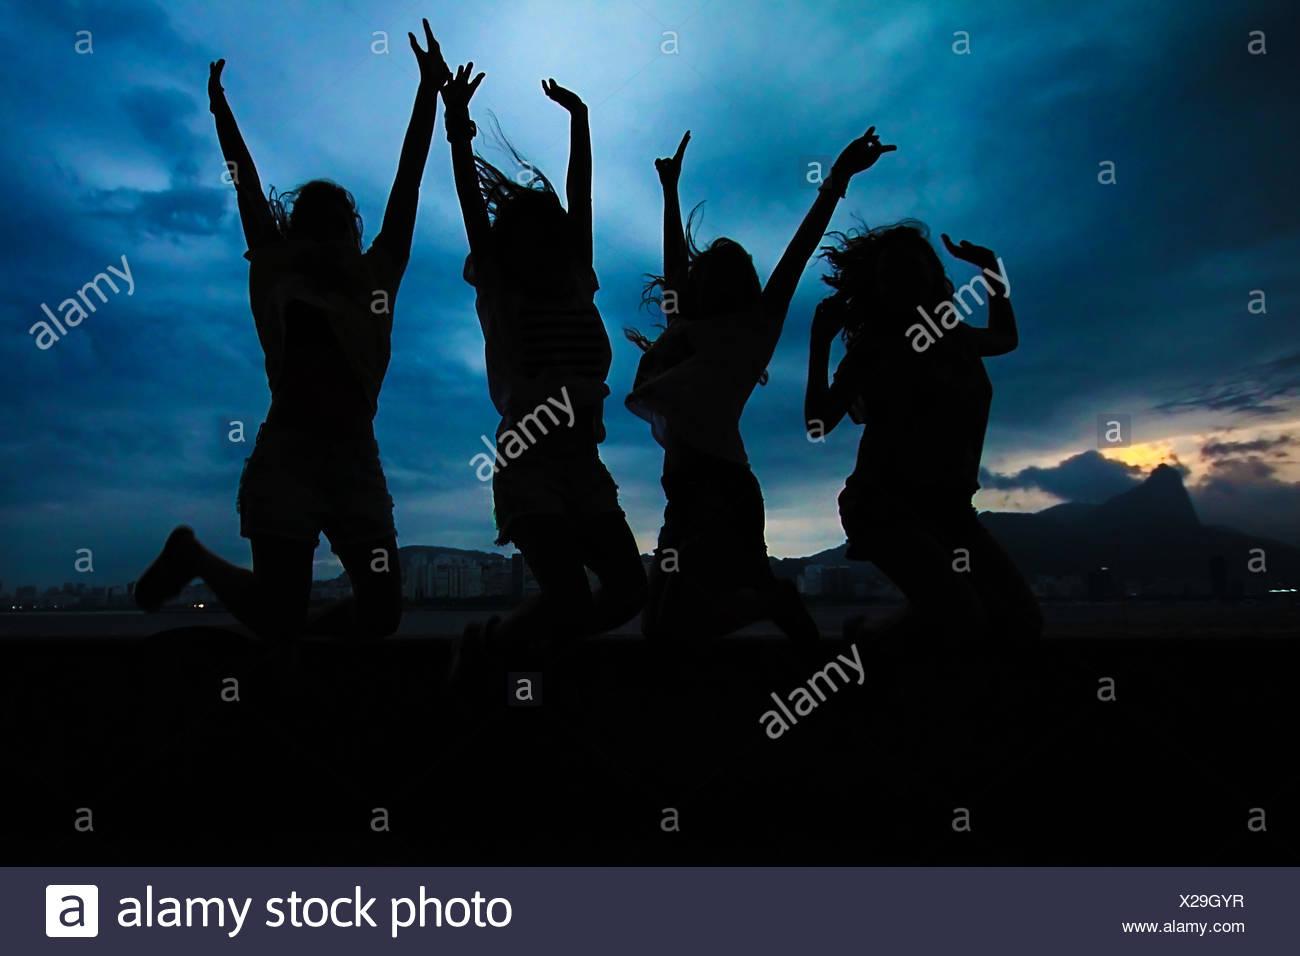 Silhouette von vier Frauen, die in die Luft springen Stockbild